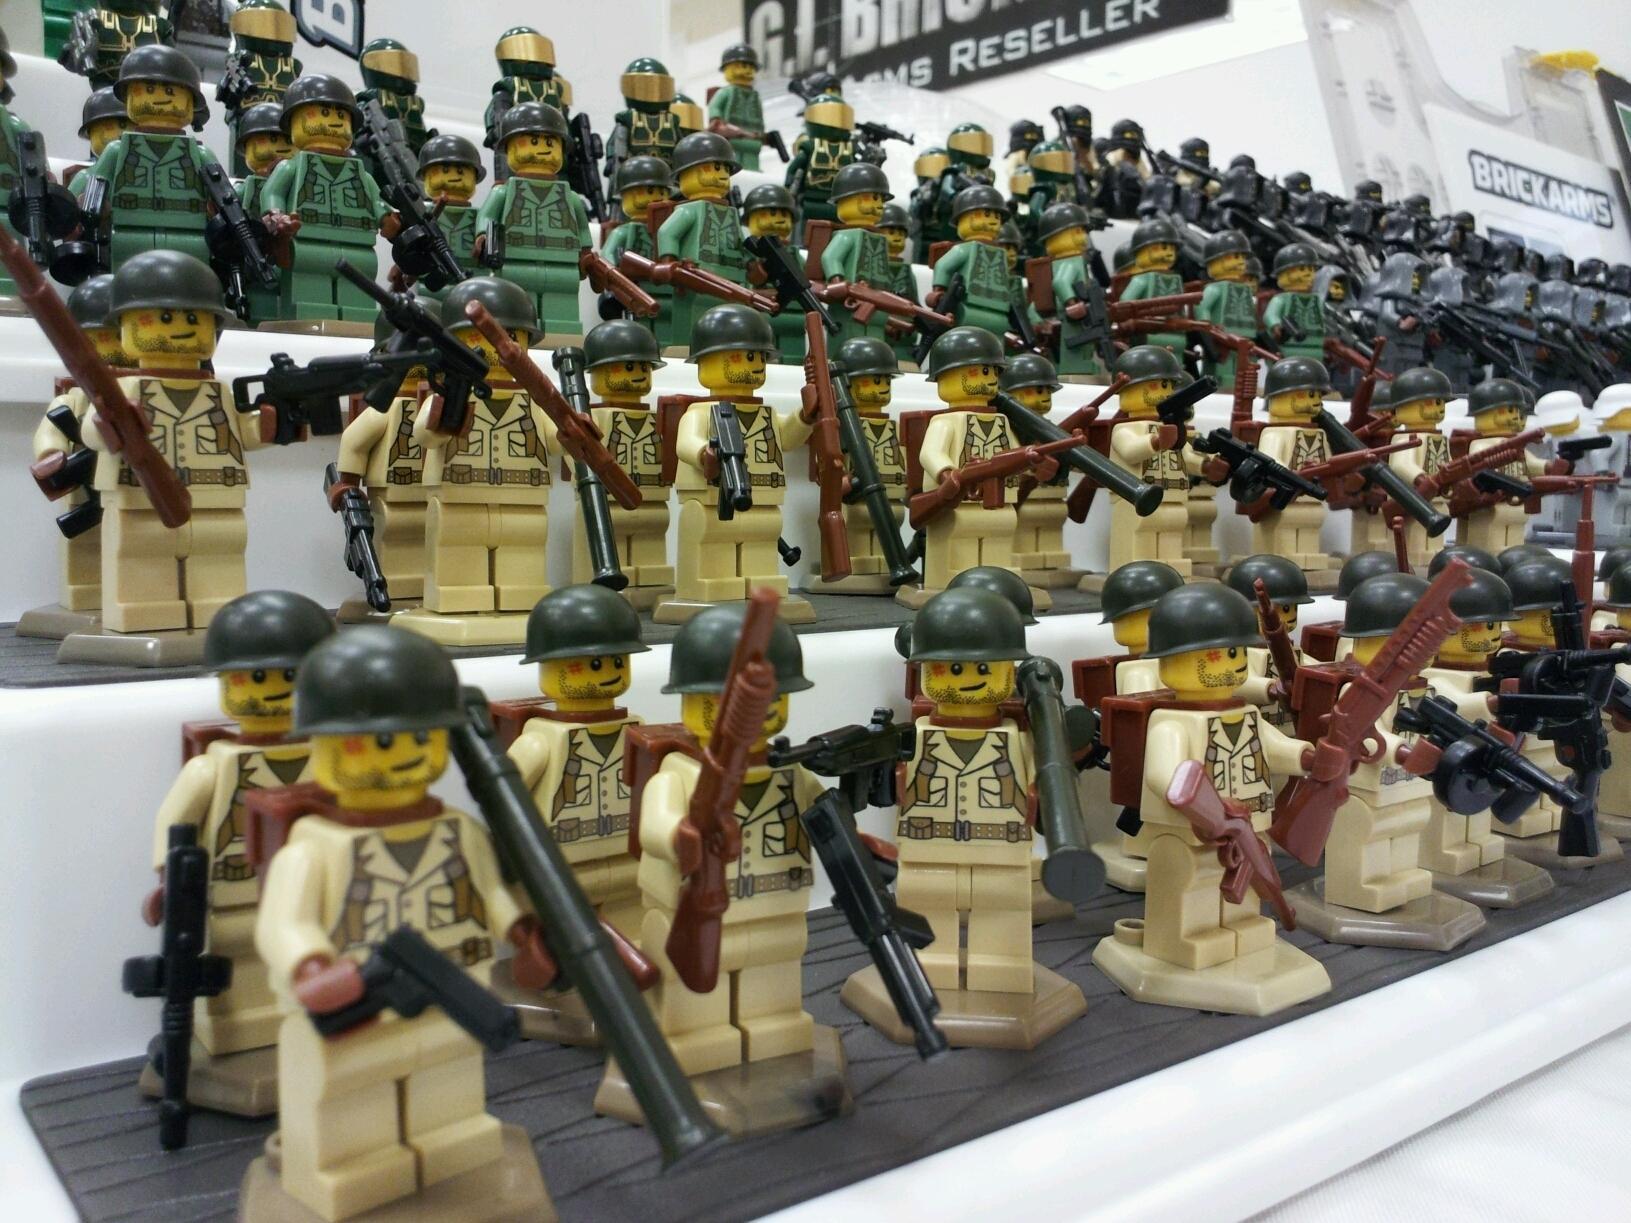 An Entrepreneur Expands The Lego Universe St Louis